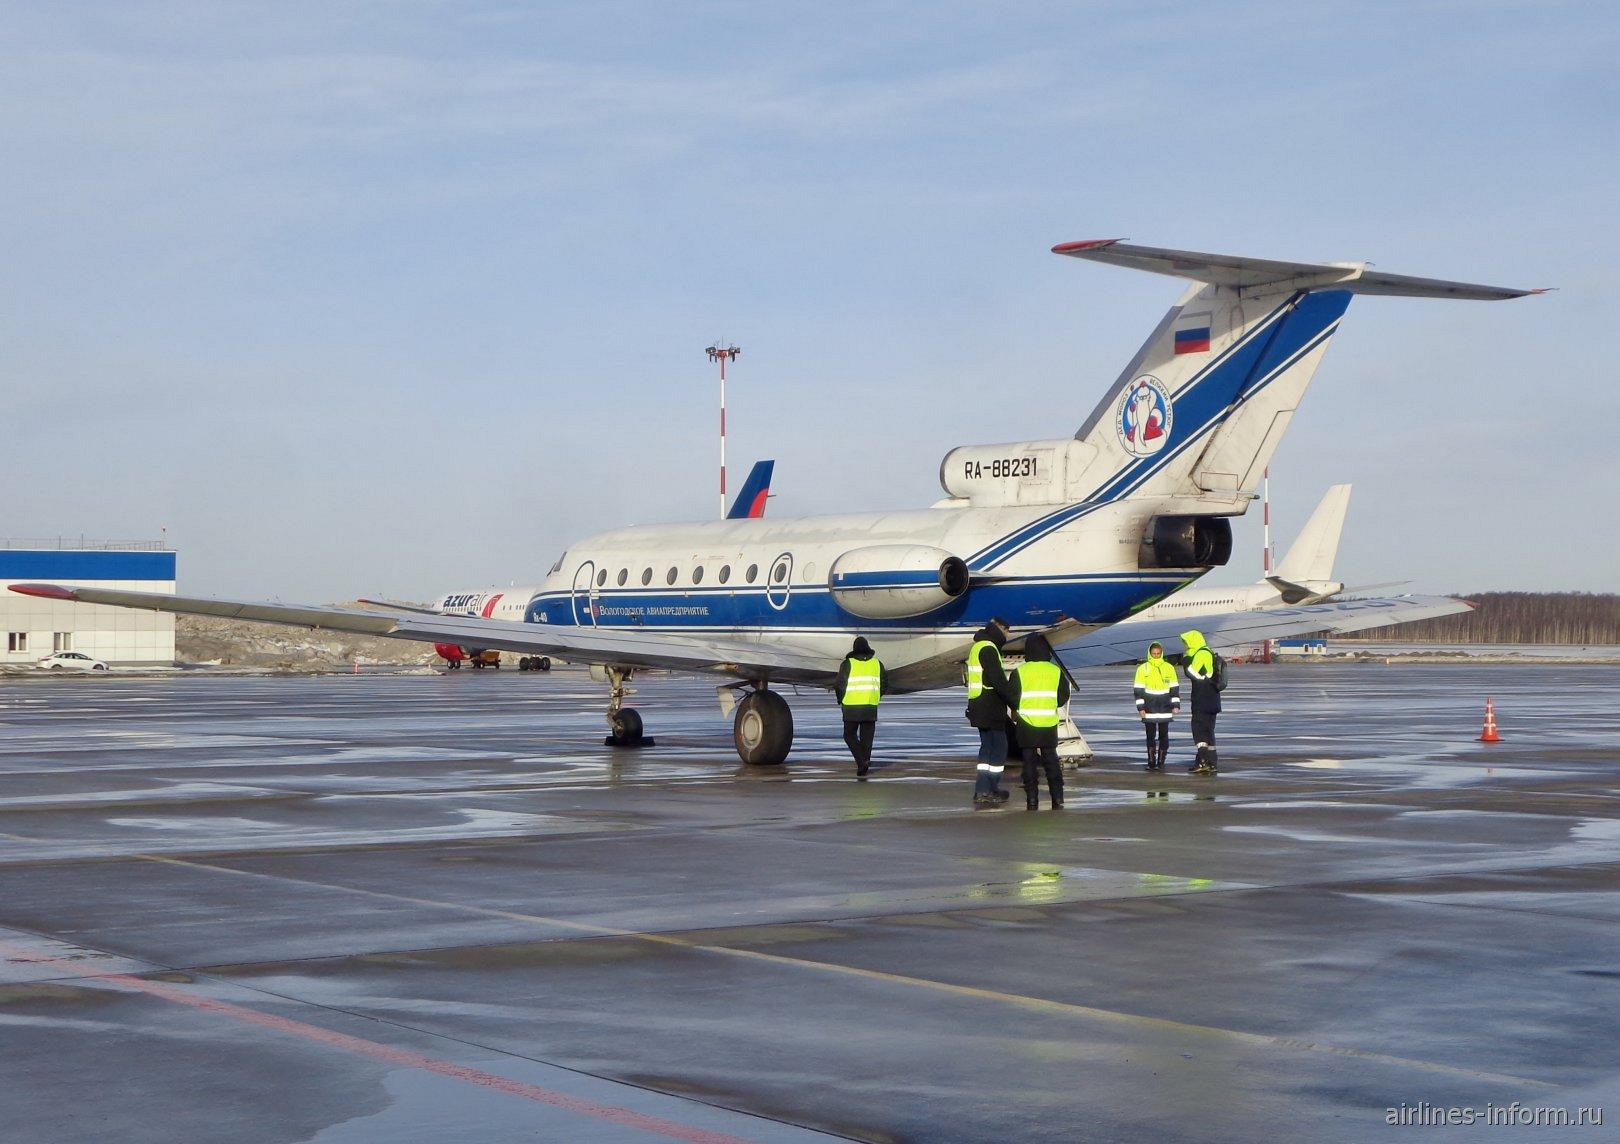 Самолет Як-40 Вологодского авиапредприятия в аэропорту Пулково